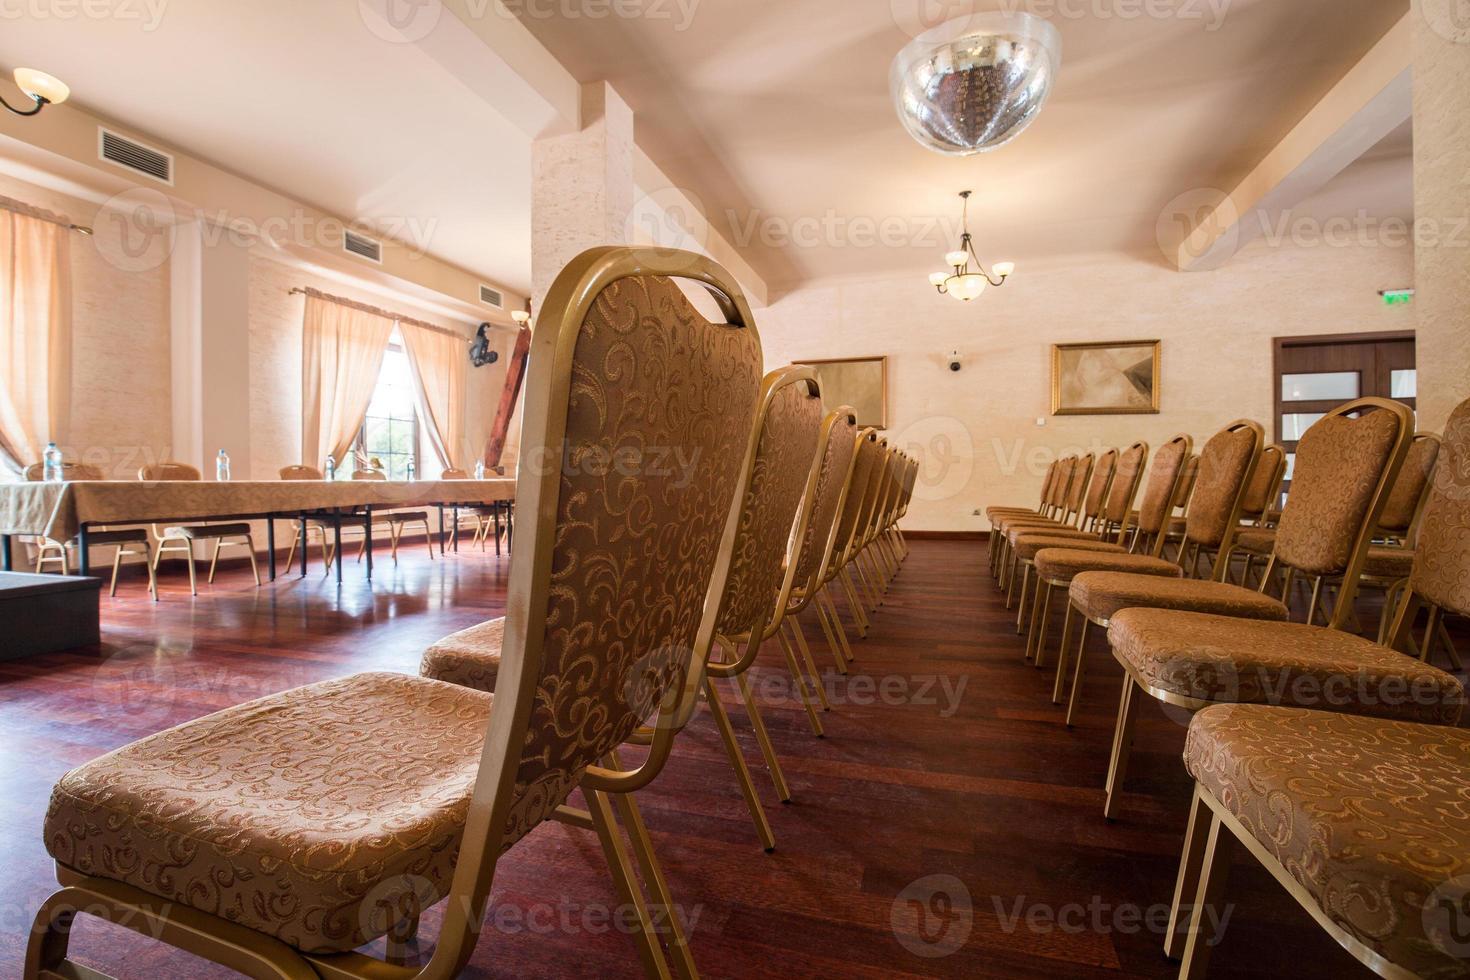 braune Stühle in der Seminarklasse foto